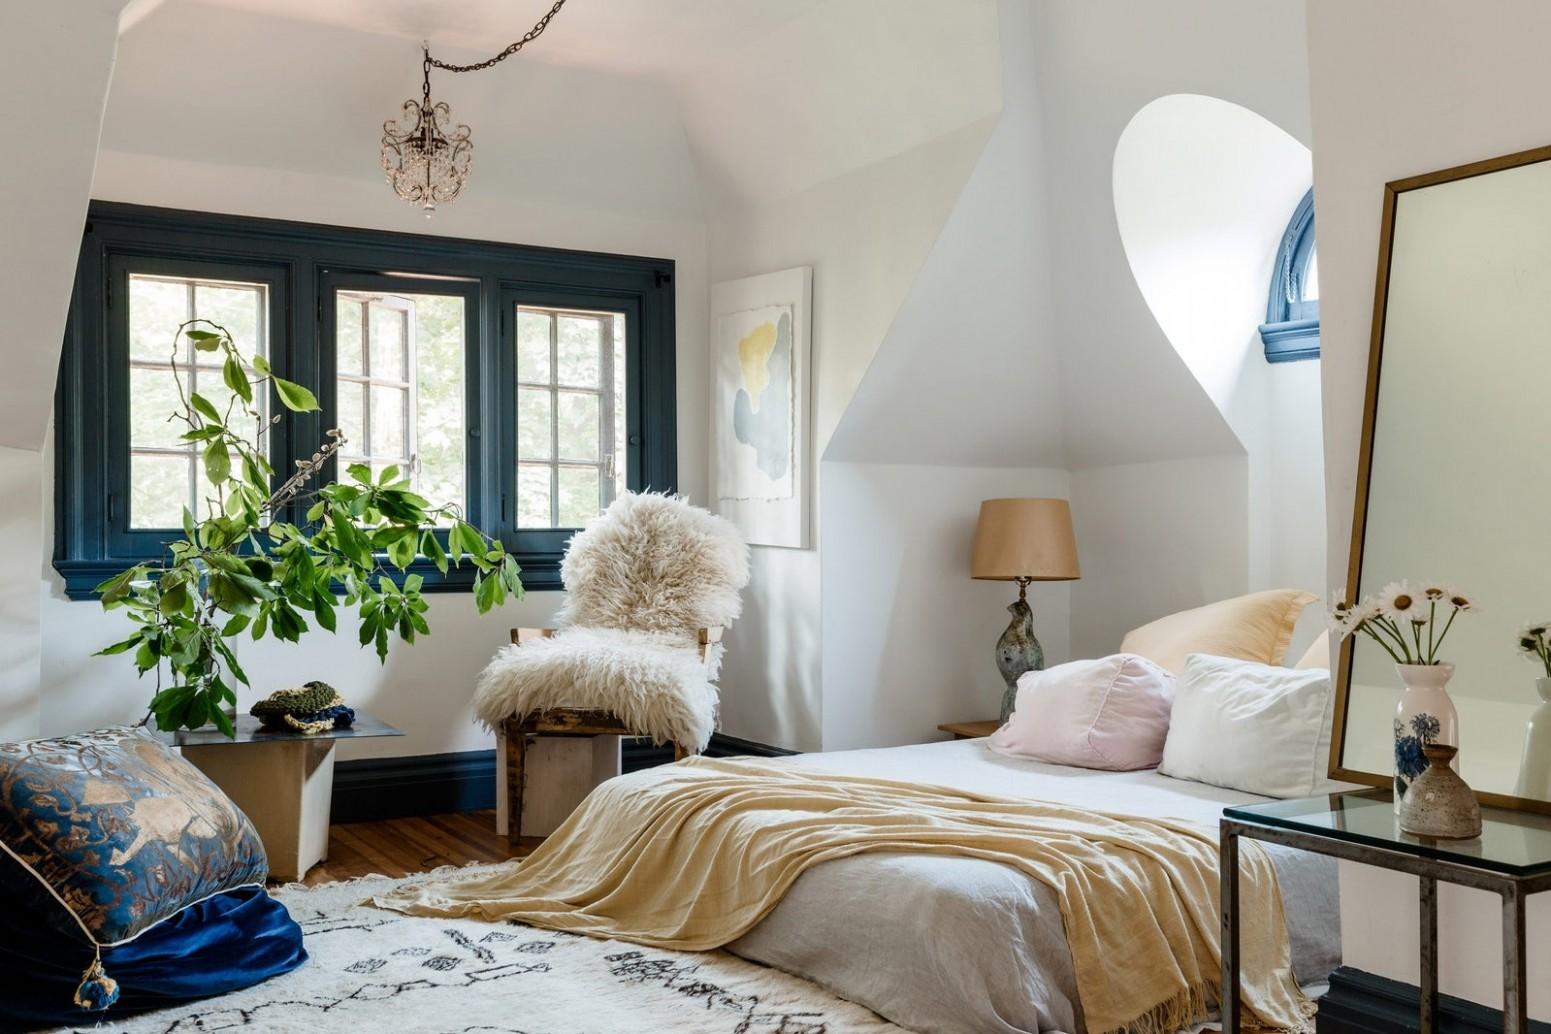 8 Cozy Bedroom Ideas  Architectural Digest - Bedroom Ideas Cozy